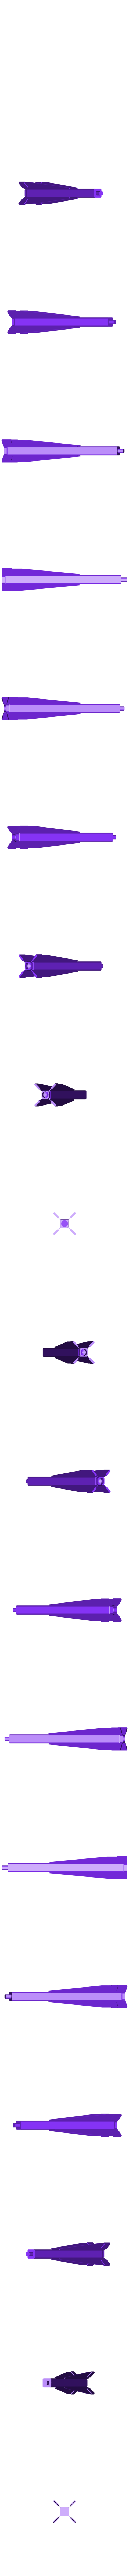 shaft_thing_2_with_self_generated_supports_-_please_remove_it.stl Télécharger fichier STL gratuit Porte-bobine à filament modulaire • Plan à imprimer en 3D, Qelorliss